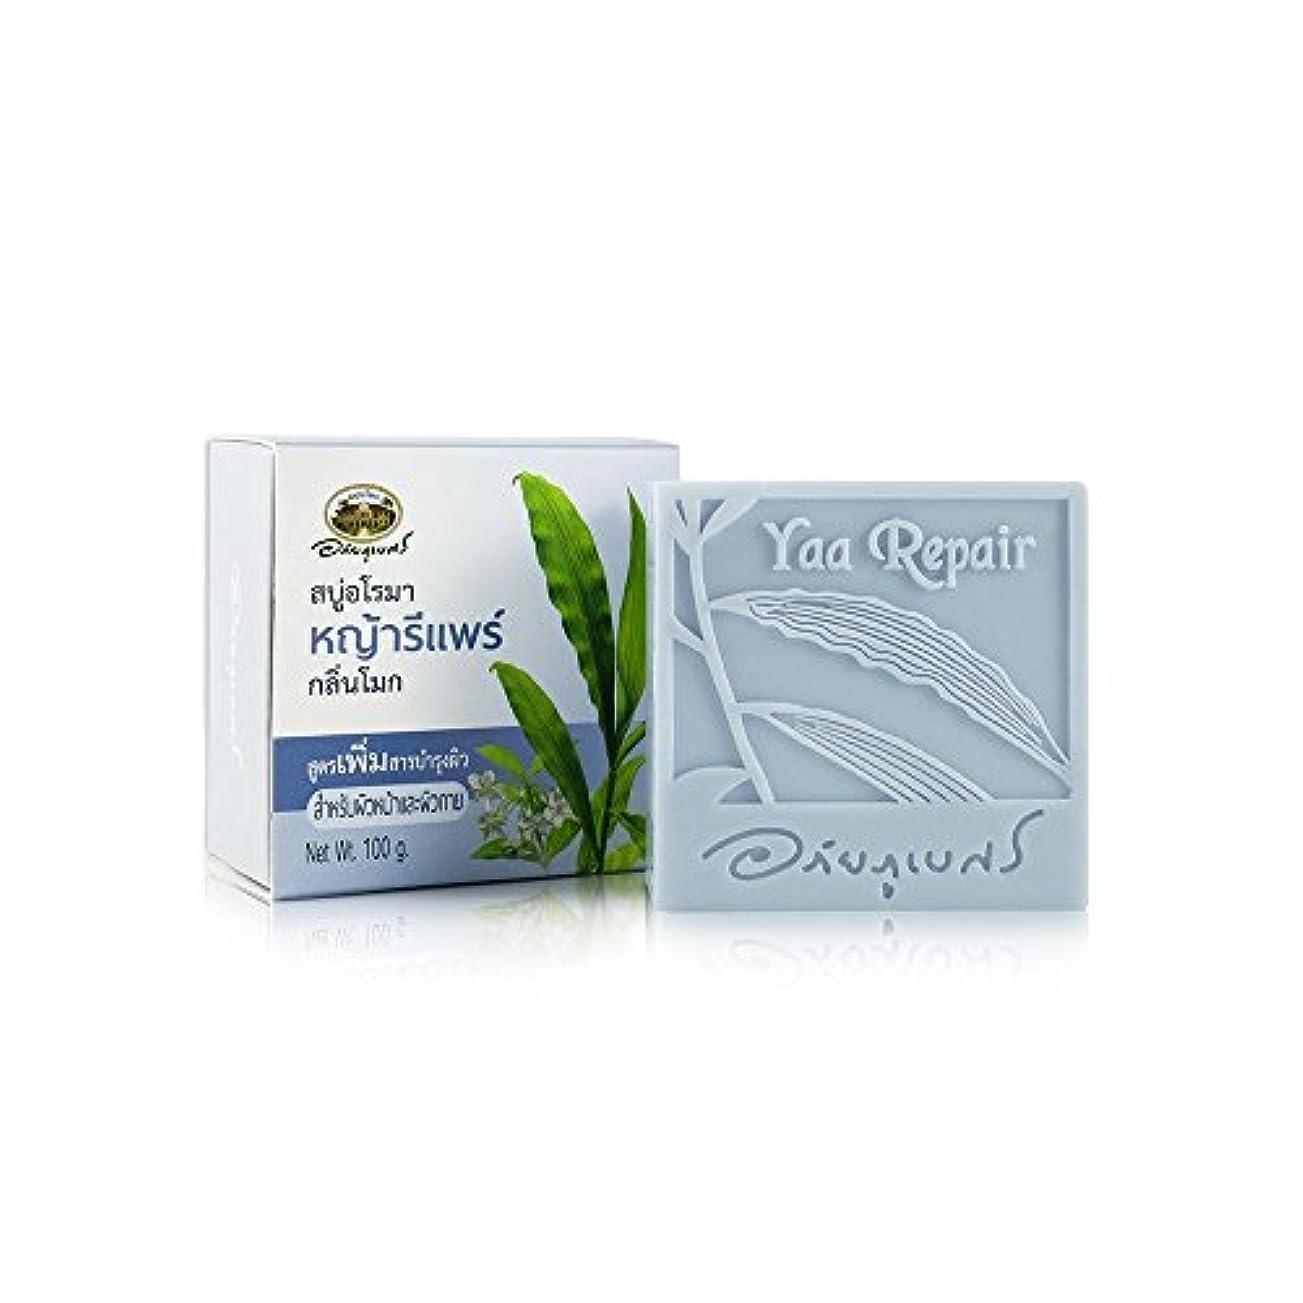 集団的終わらせるパイプAbhaibhubejhr Thai Aromatherapy With Moke Flower Skin Care Formula Herbal Body Face Cleaning Soap 100g. Abhaibhubejhr...